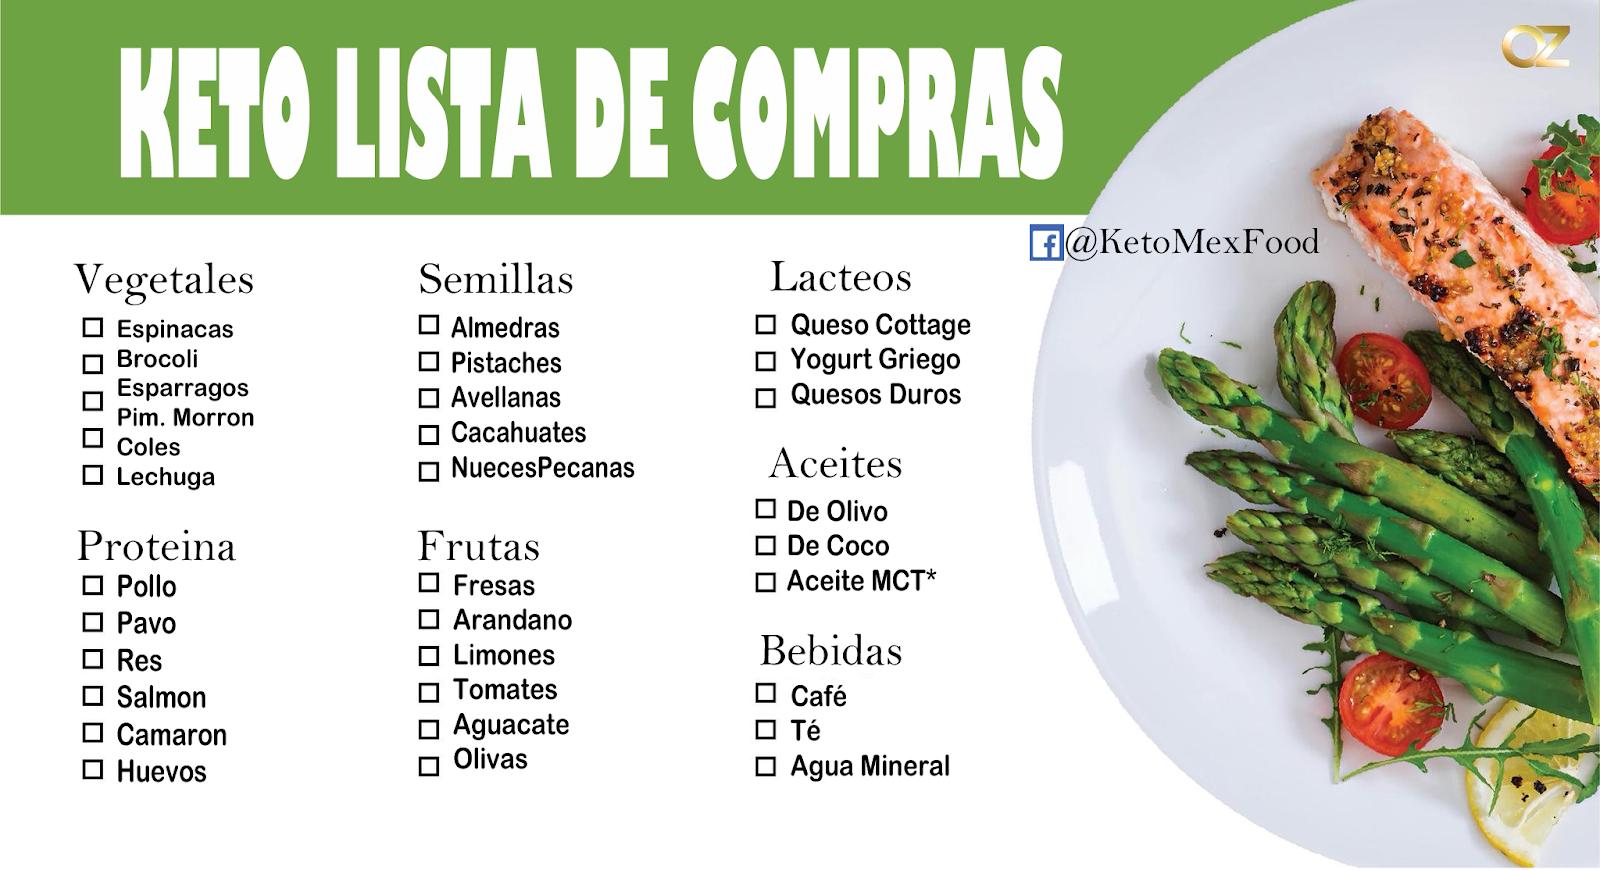 lista de comidas para dieta keto